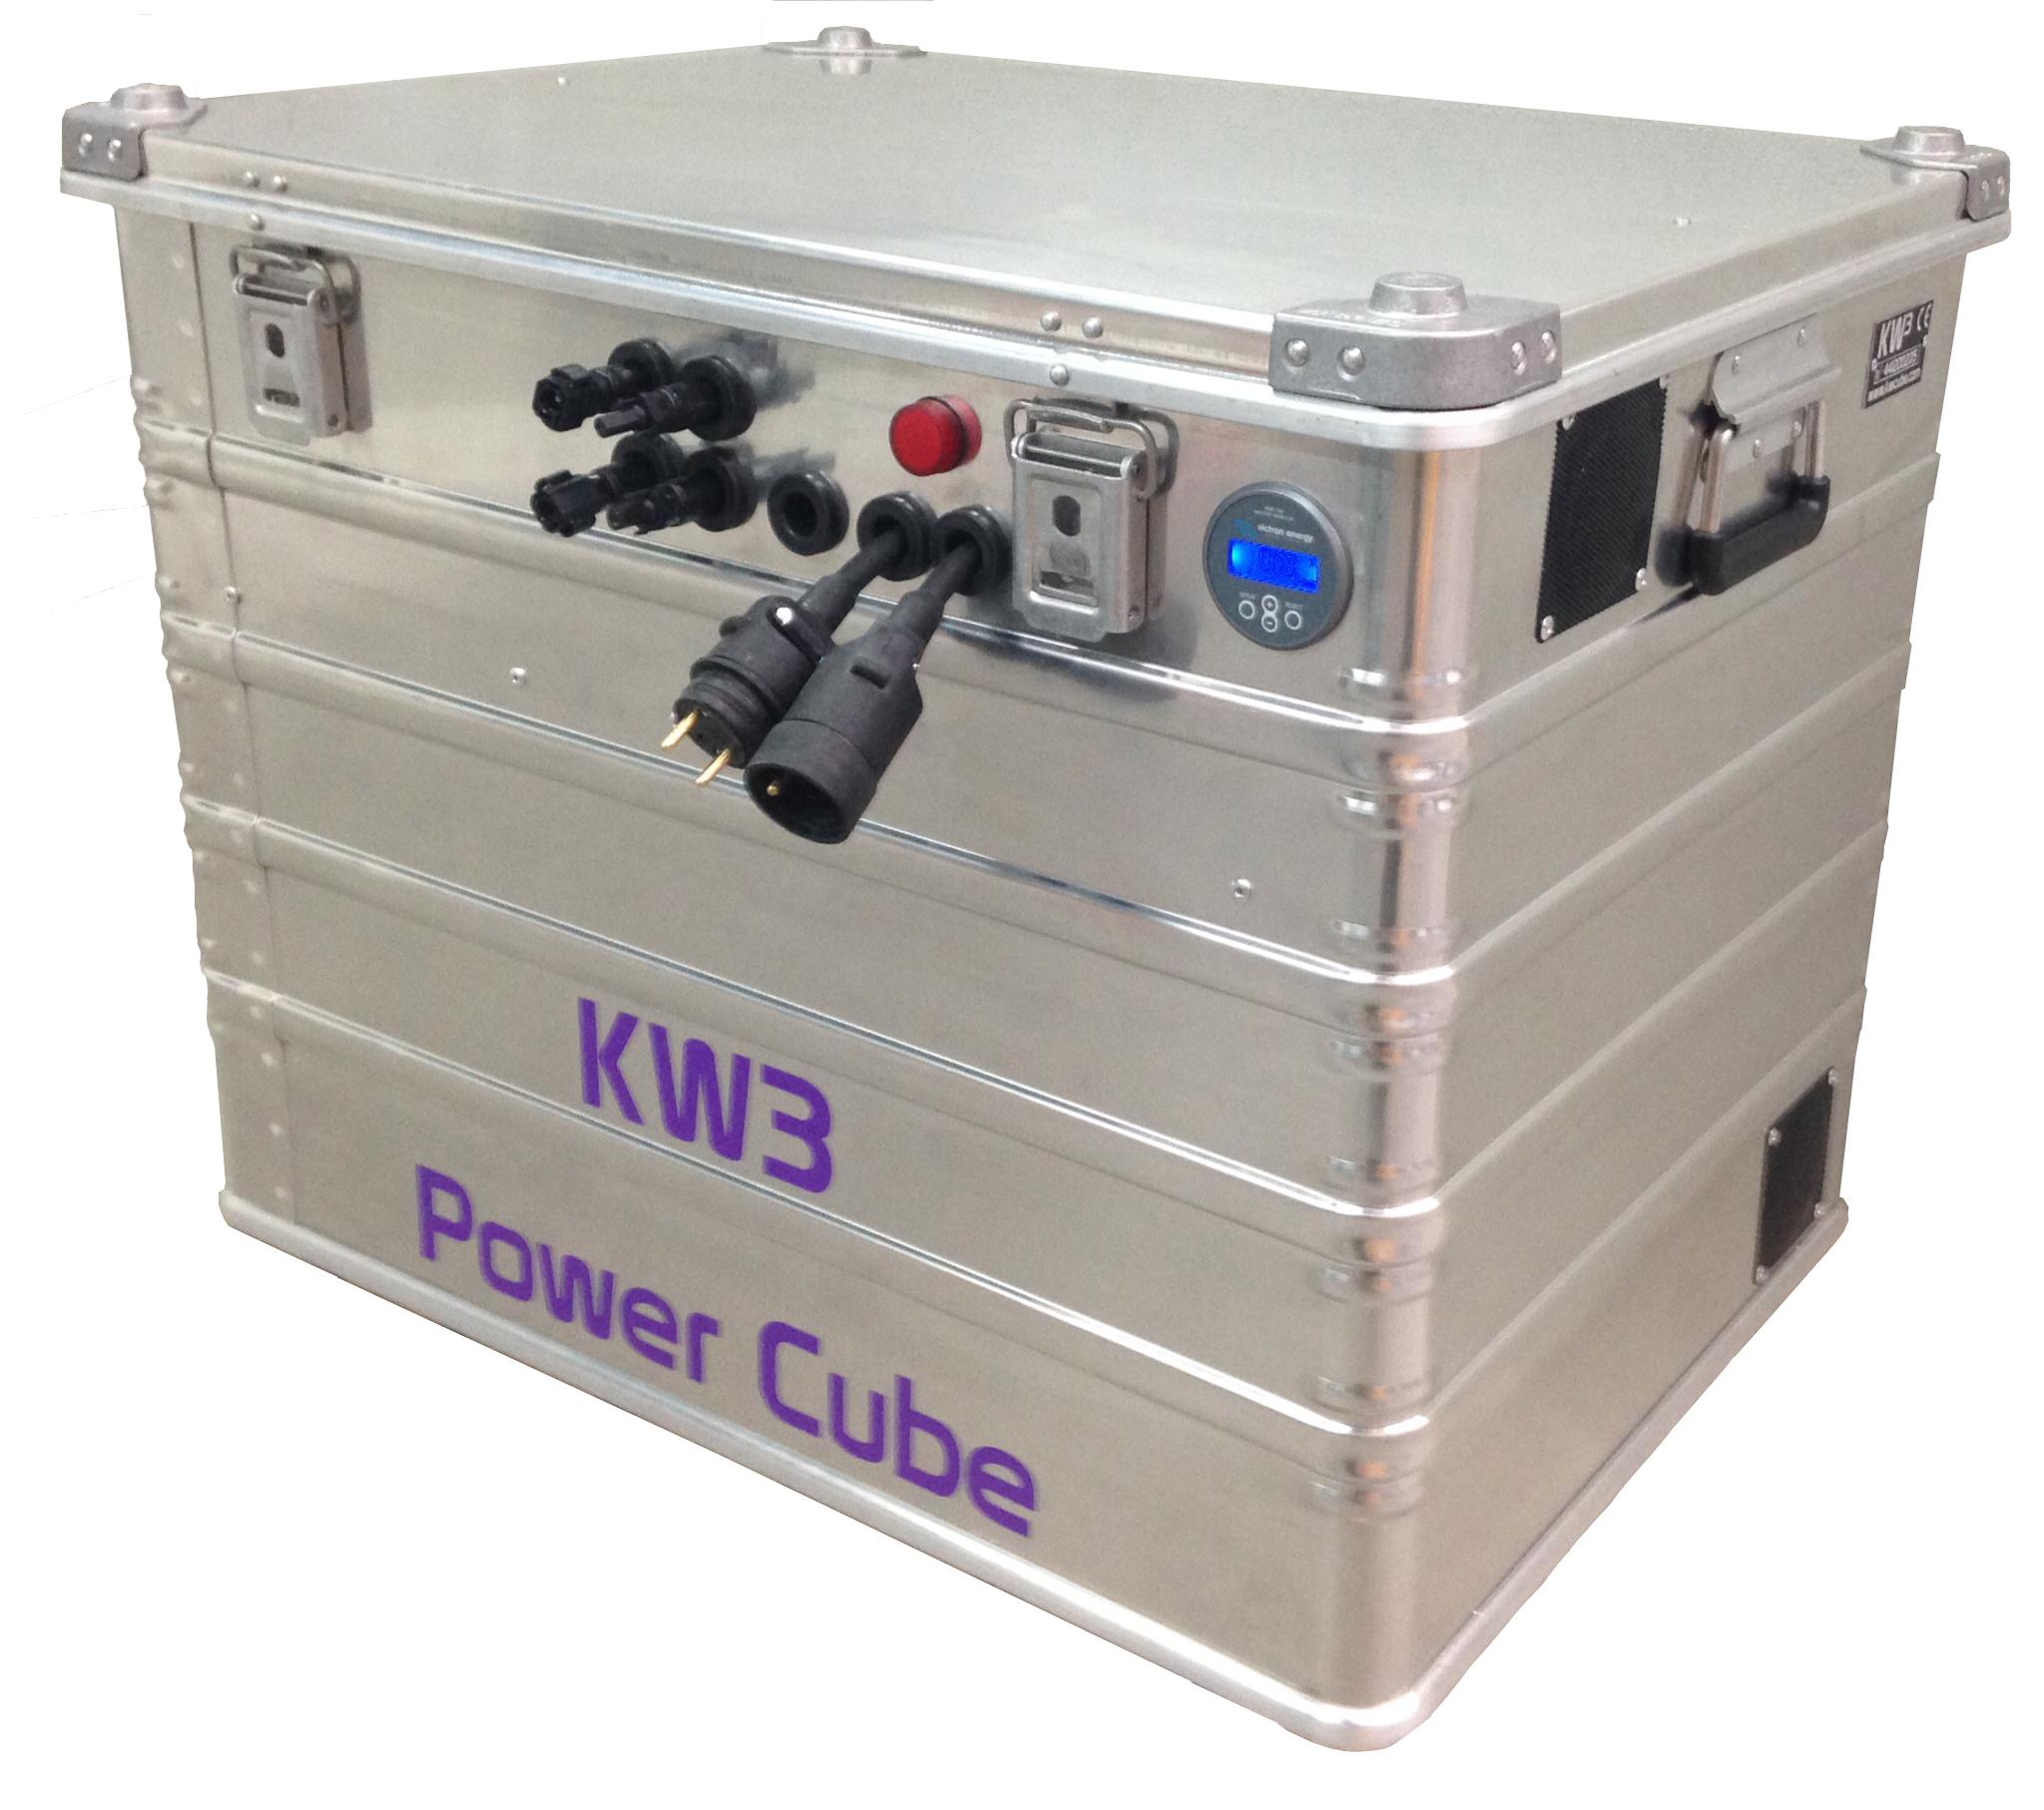 Power cube dans sa caisse